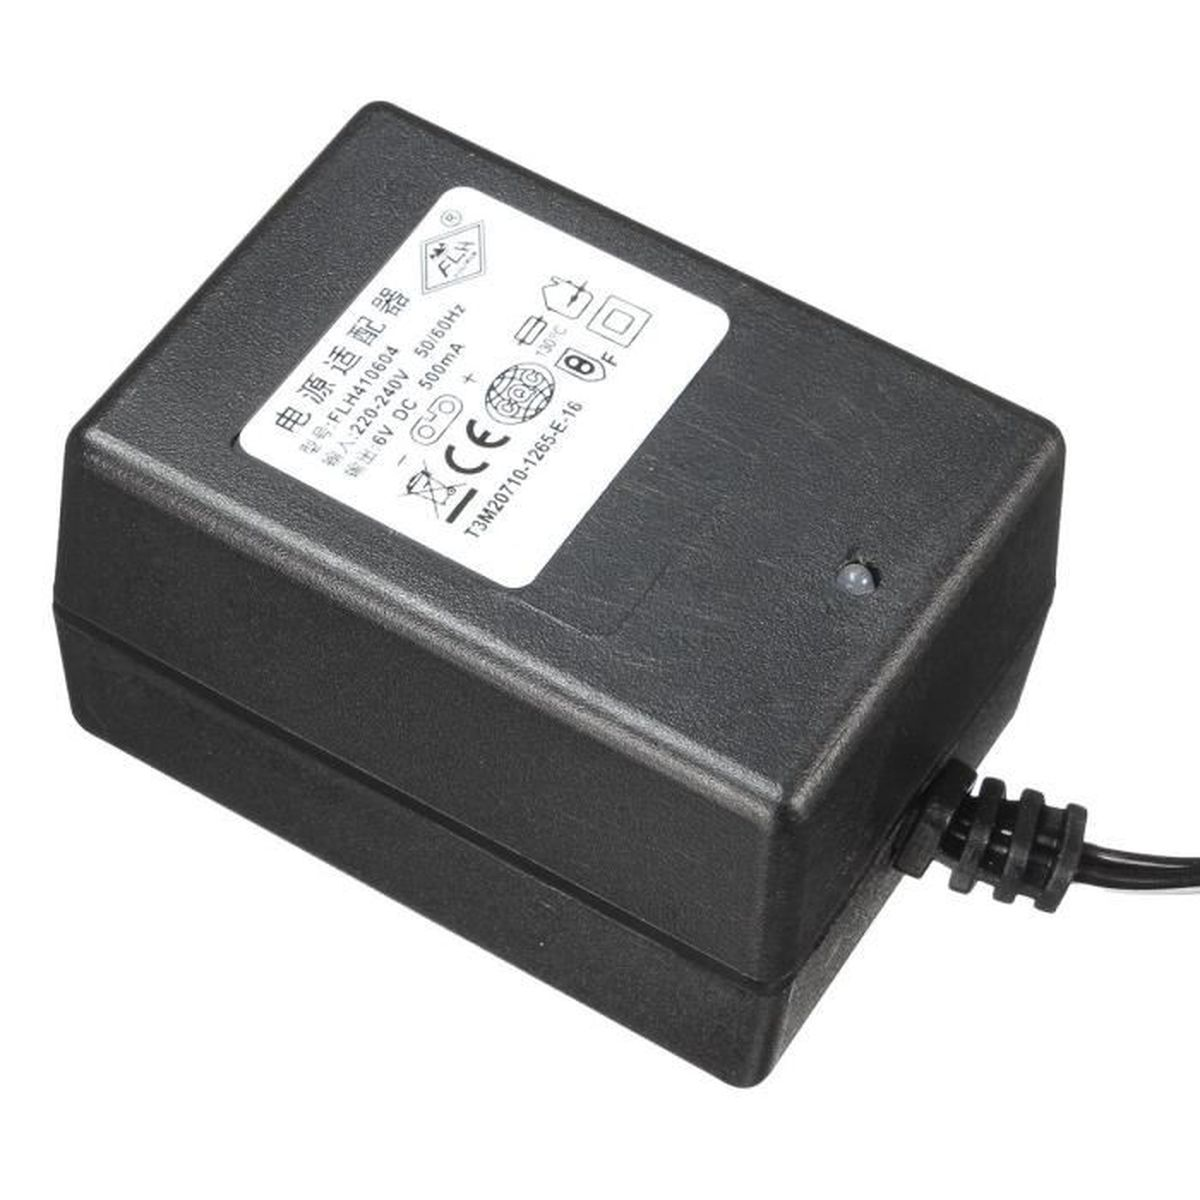 puissance adaptateur batterie chargeur 2 pin pour enfant voiture jouet dc 6v achat vente. Black Bedroom Furniture Sets. Home Design Ideas